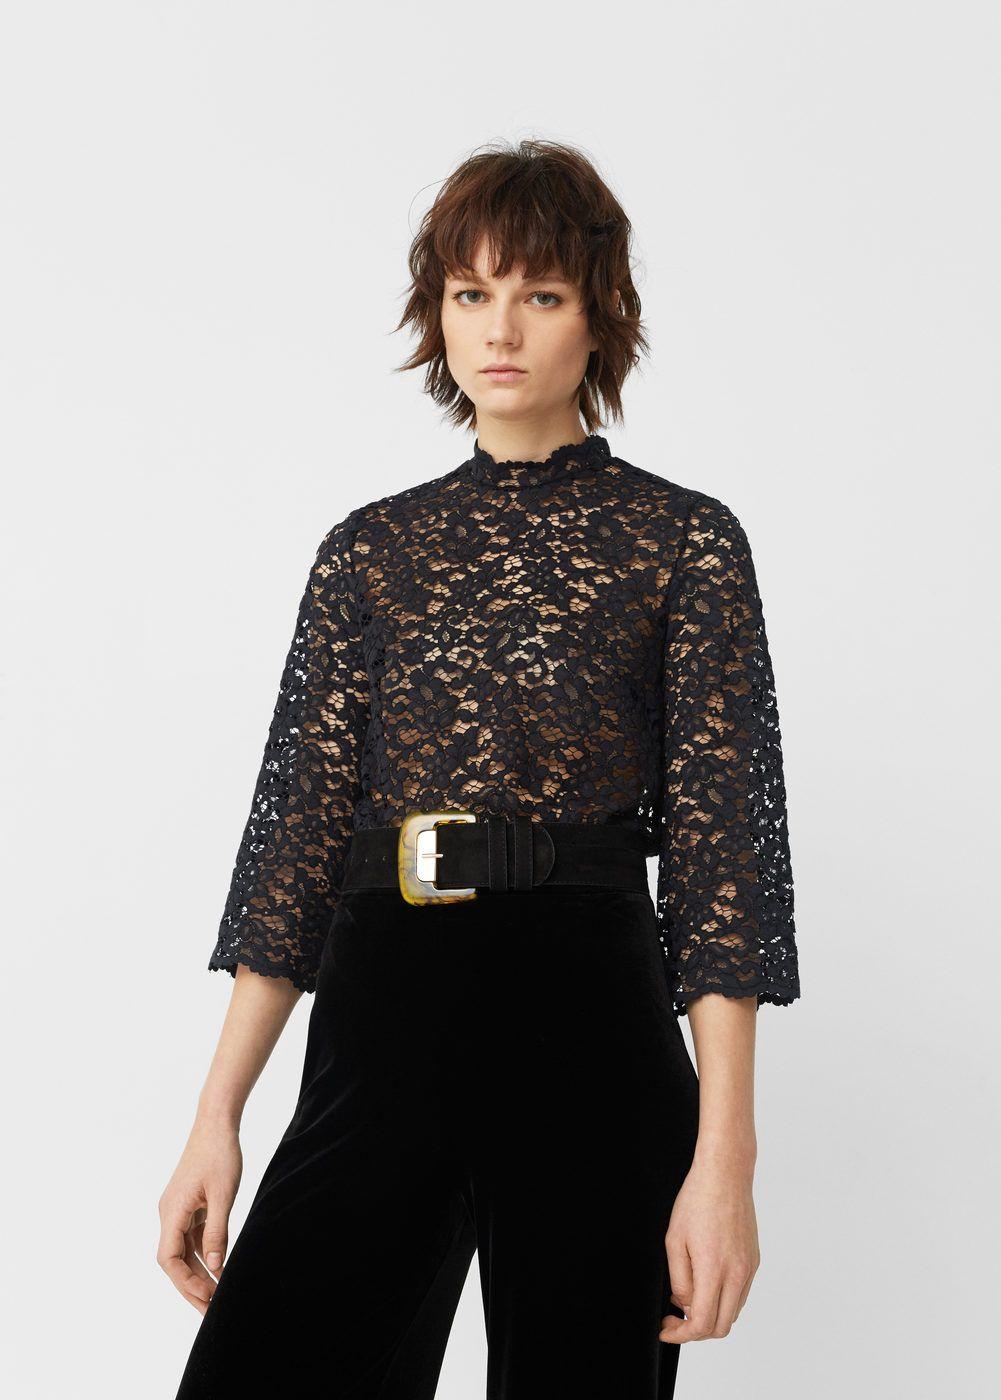 63e0177ec Las nuevas endencias de moda para Navidad y Nochevieja | El Blog de ...